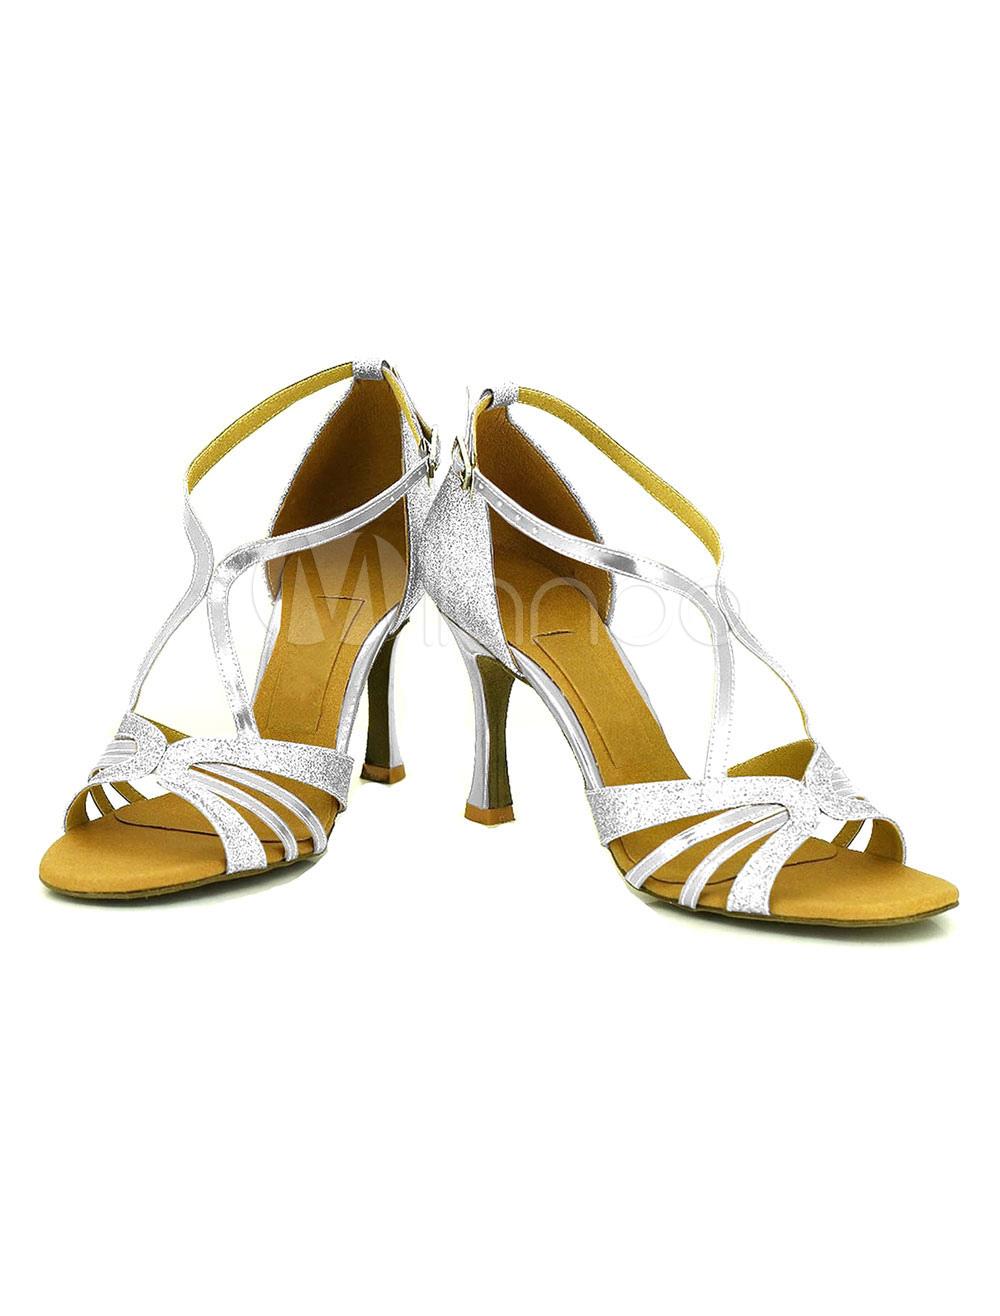 Baile negro del alto talón con lentejuelas Criss-cross modificado para requisitos particulares de la mujer salón zapatos UjBsYW